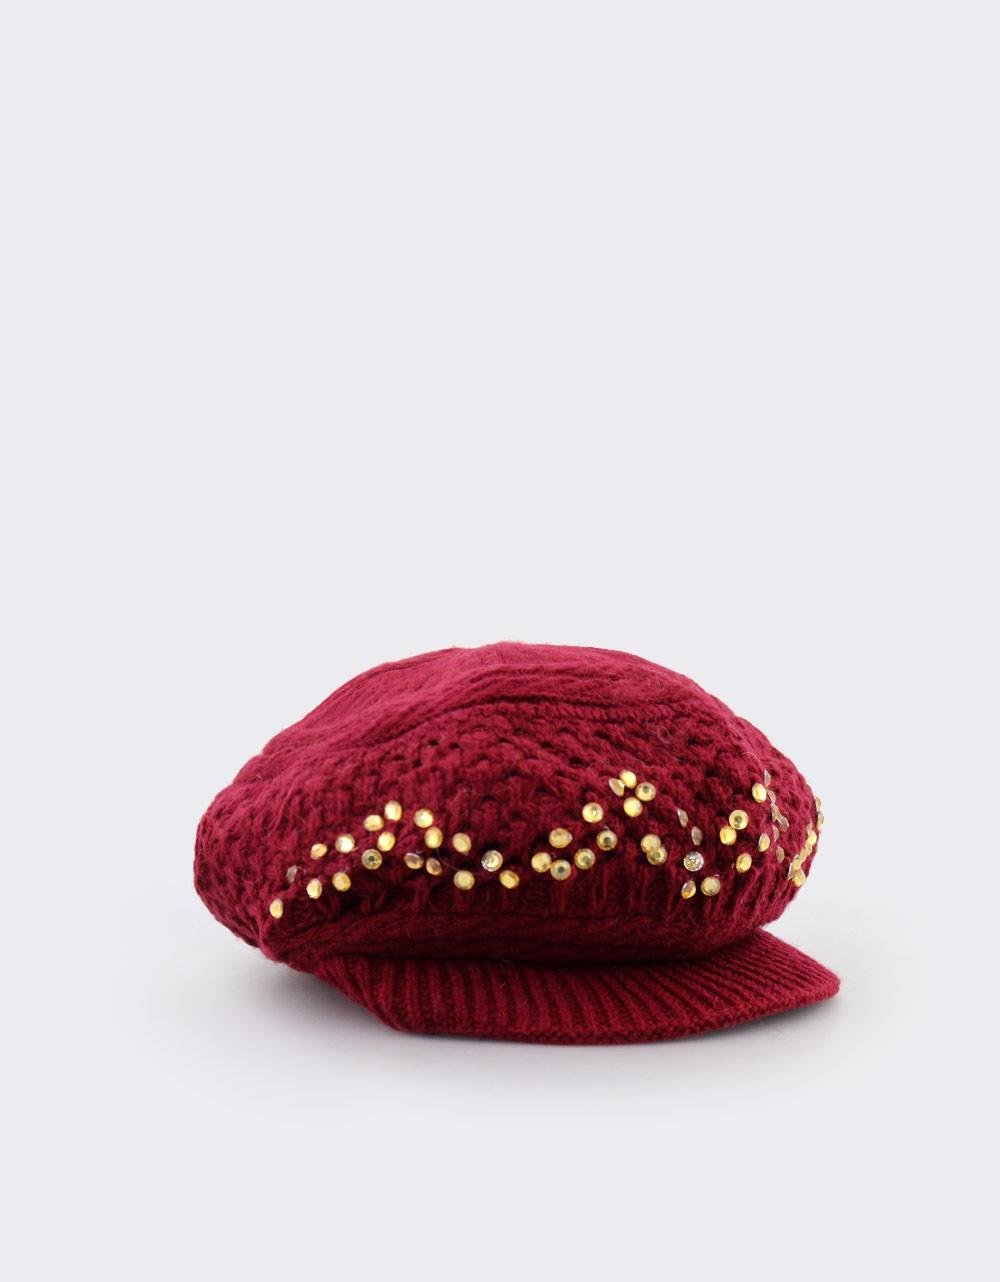 Εικόνα από Γυναικεία καπέλα πλεκτά με stubs Μπορντώ